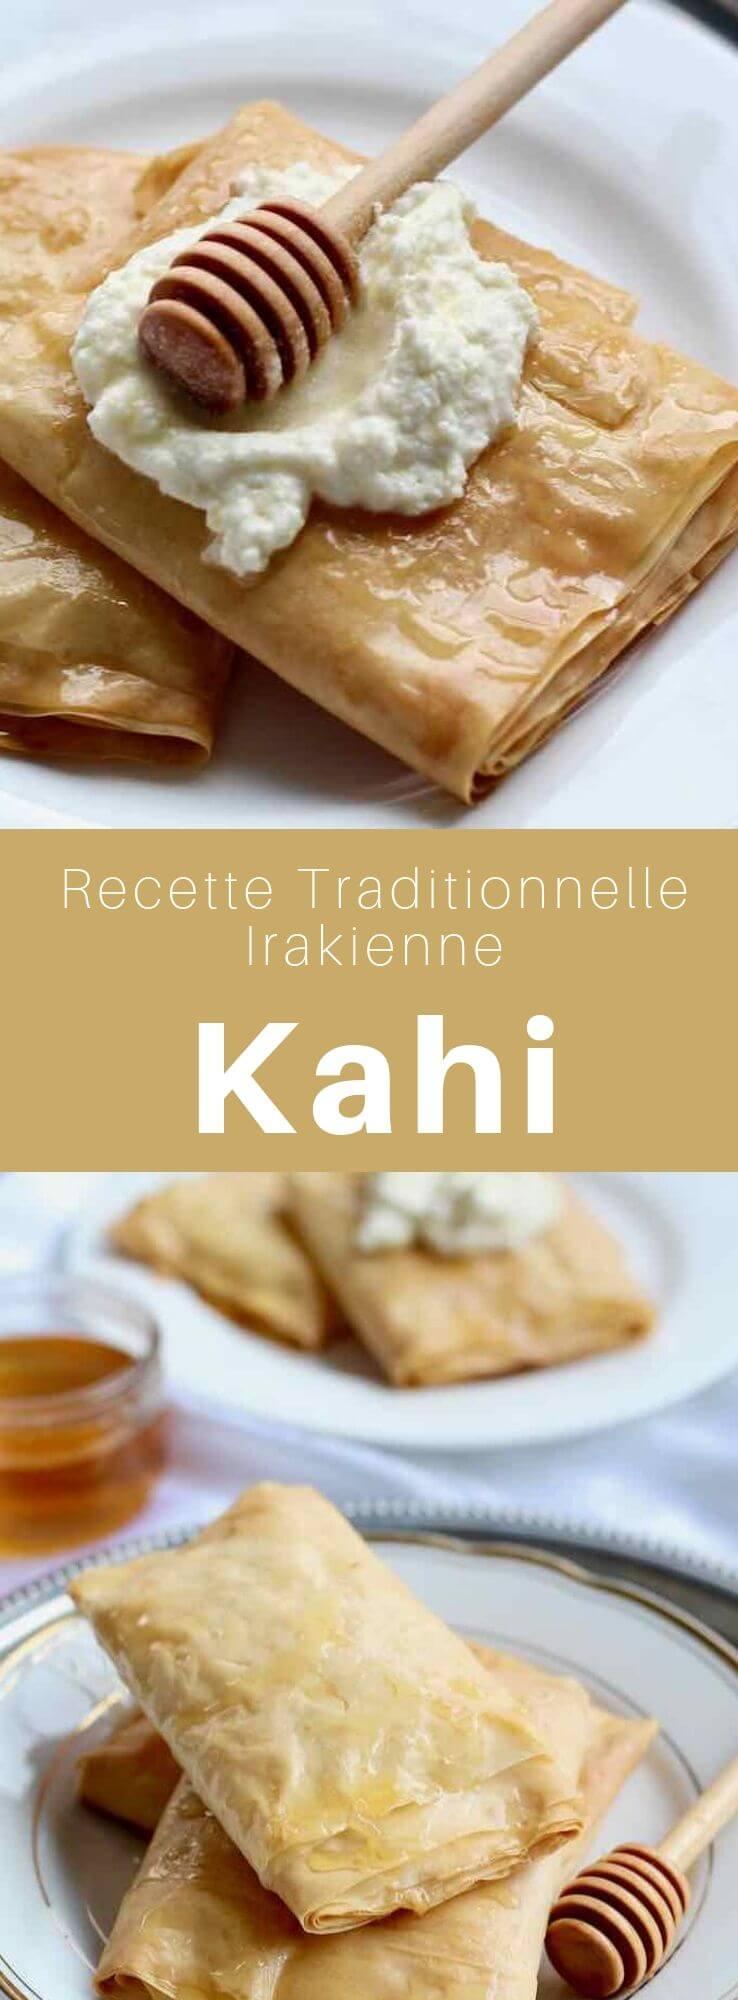 Le kahi est un délicieux dessert traditionnel irakien qui se prépare à base de feuilles de pâte filo et de beurre, et se sert avec de la crème caillée appelée gaymar. #Irak #RecetteIrakienne #CuisineIrakienne #CuisineDuMonde #196flavors